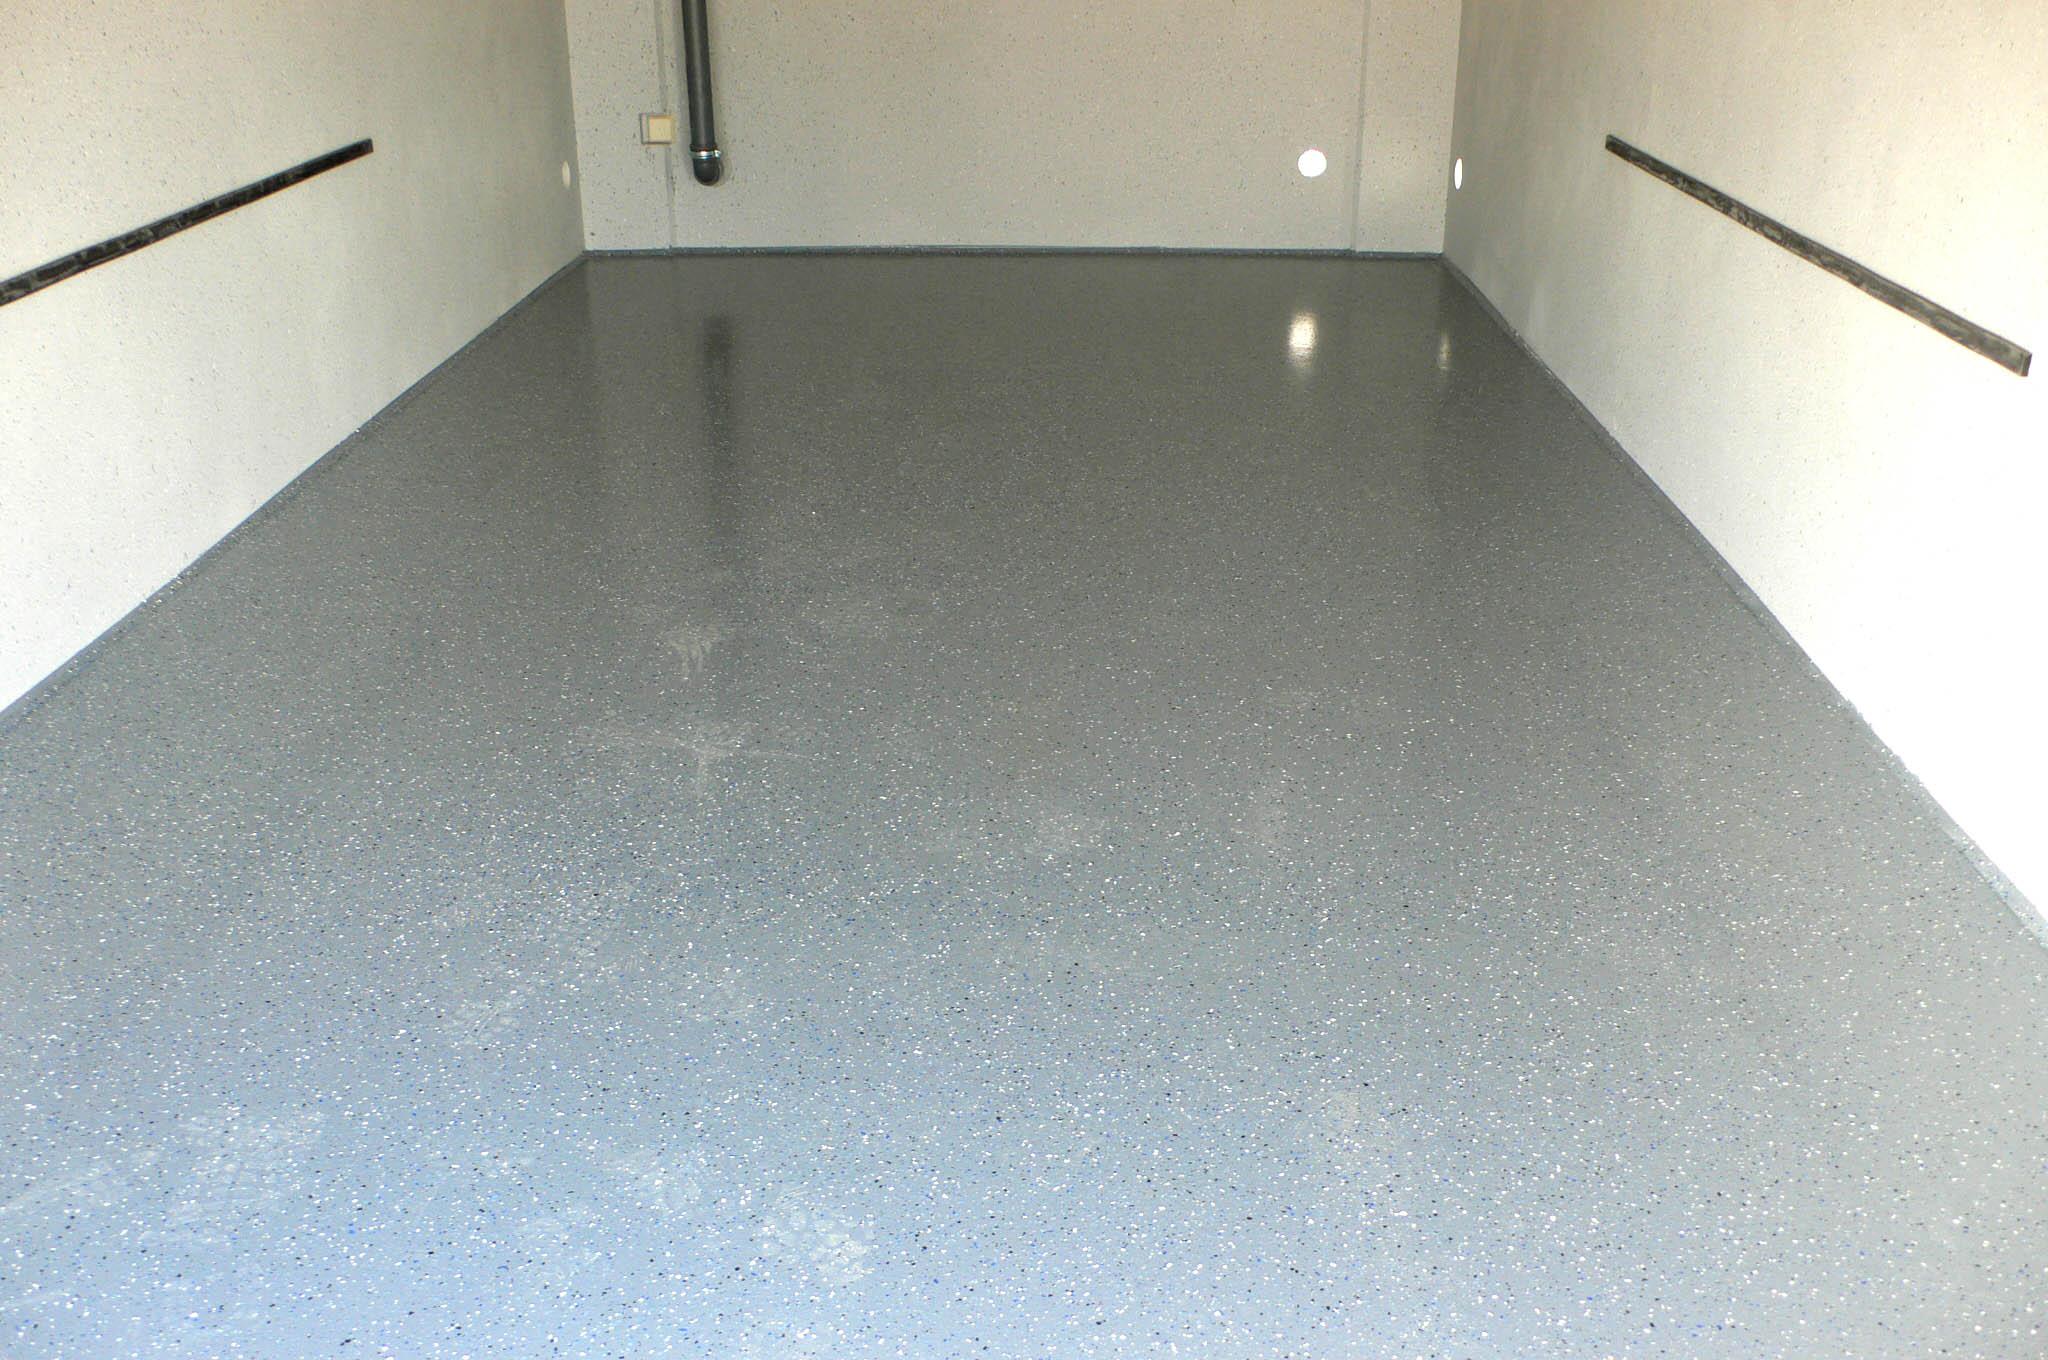 Ausstattung der Garage mit Bodenbeschichtung